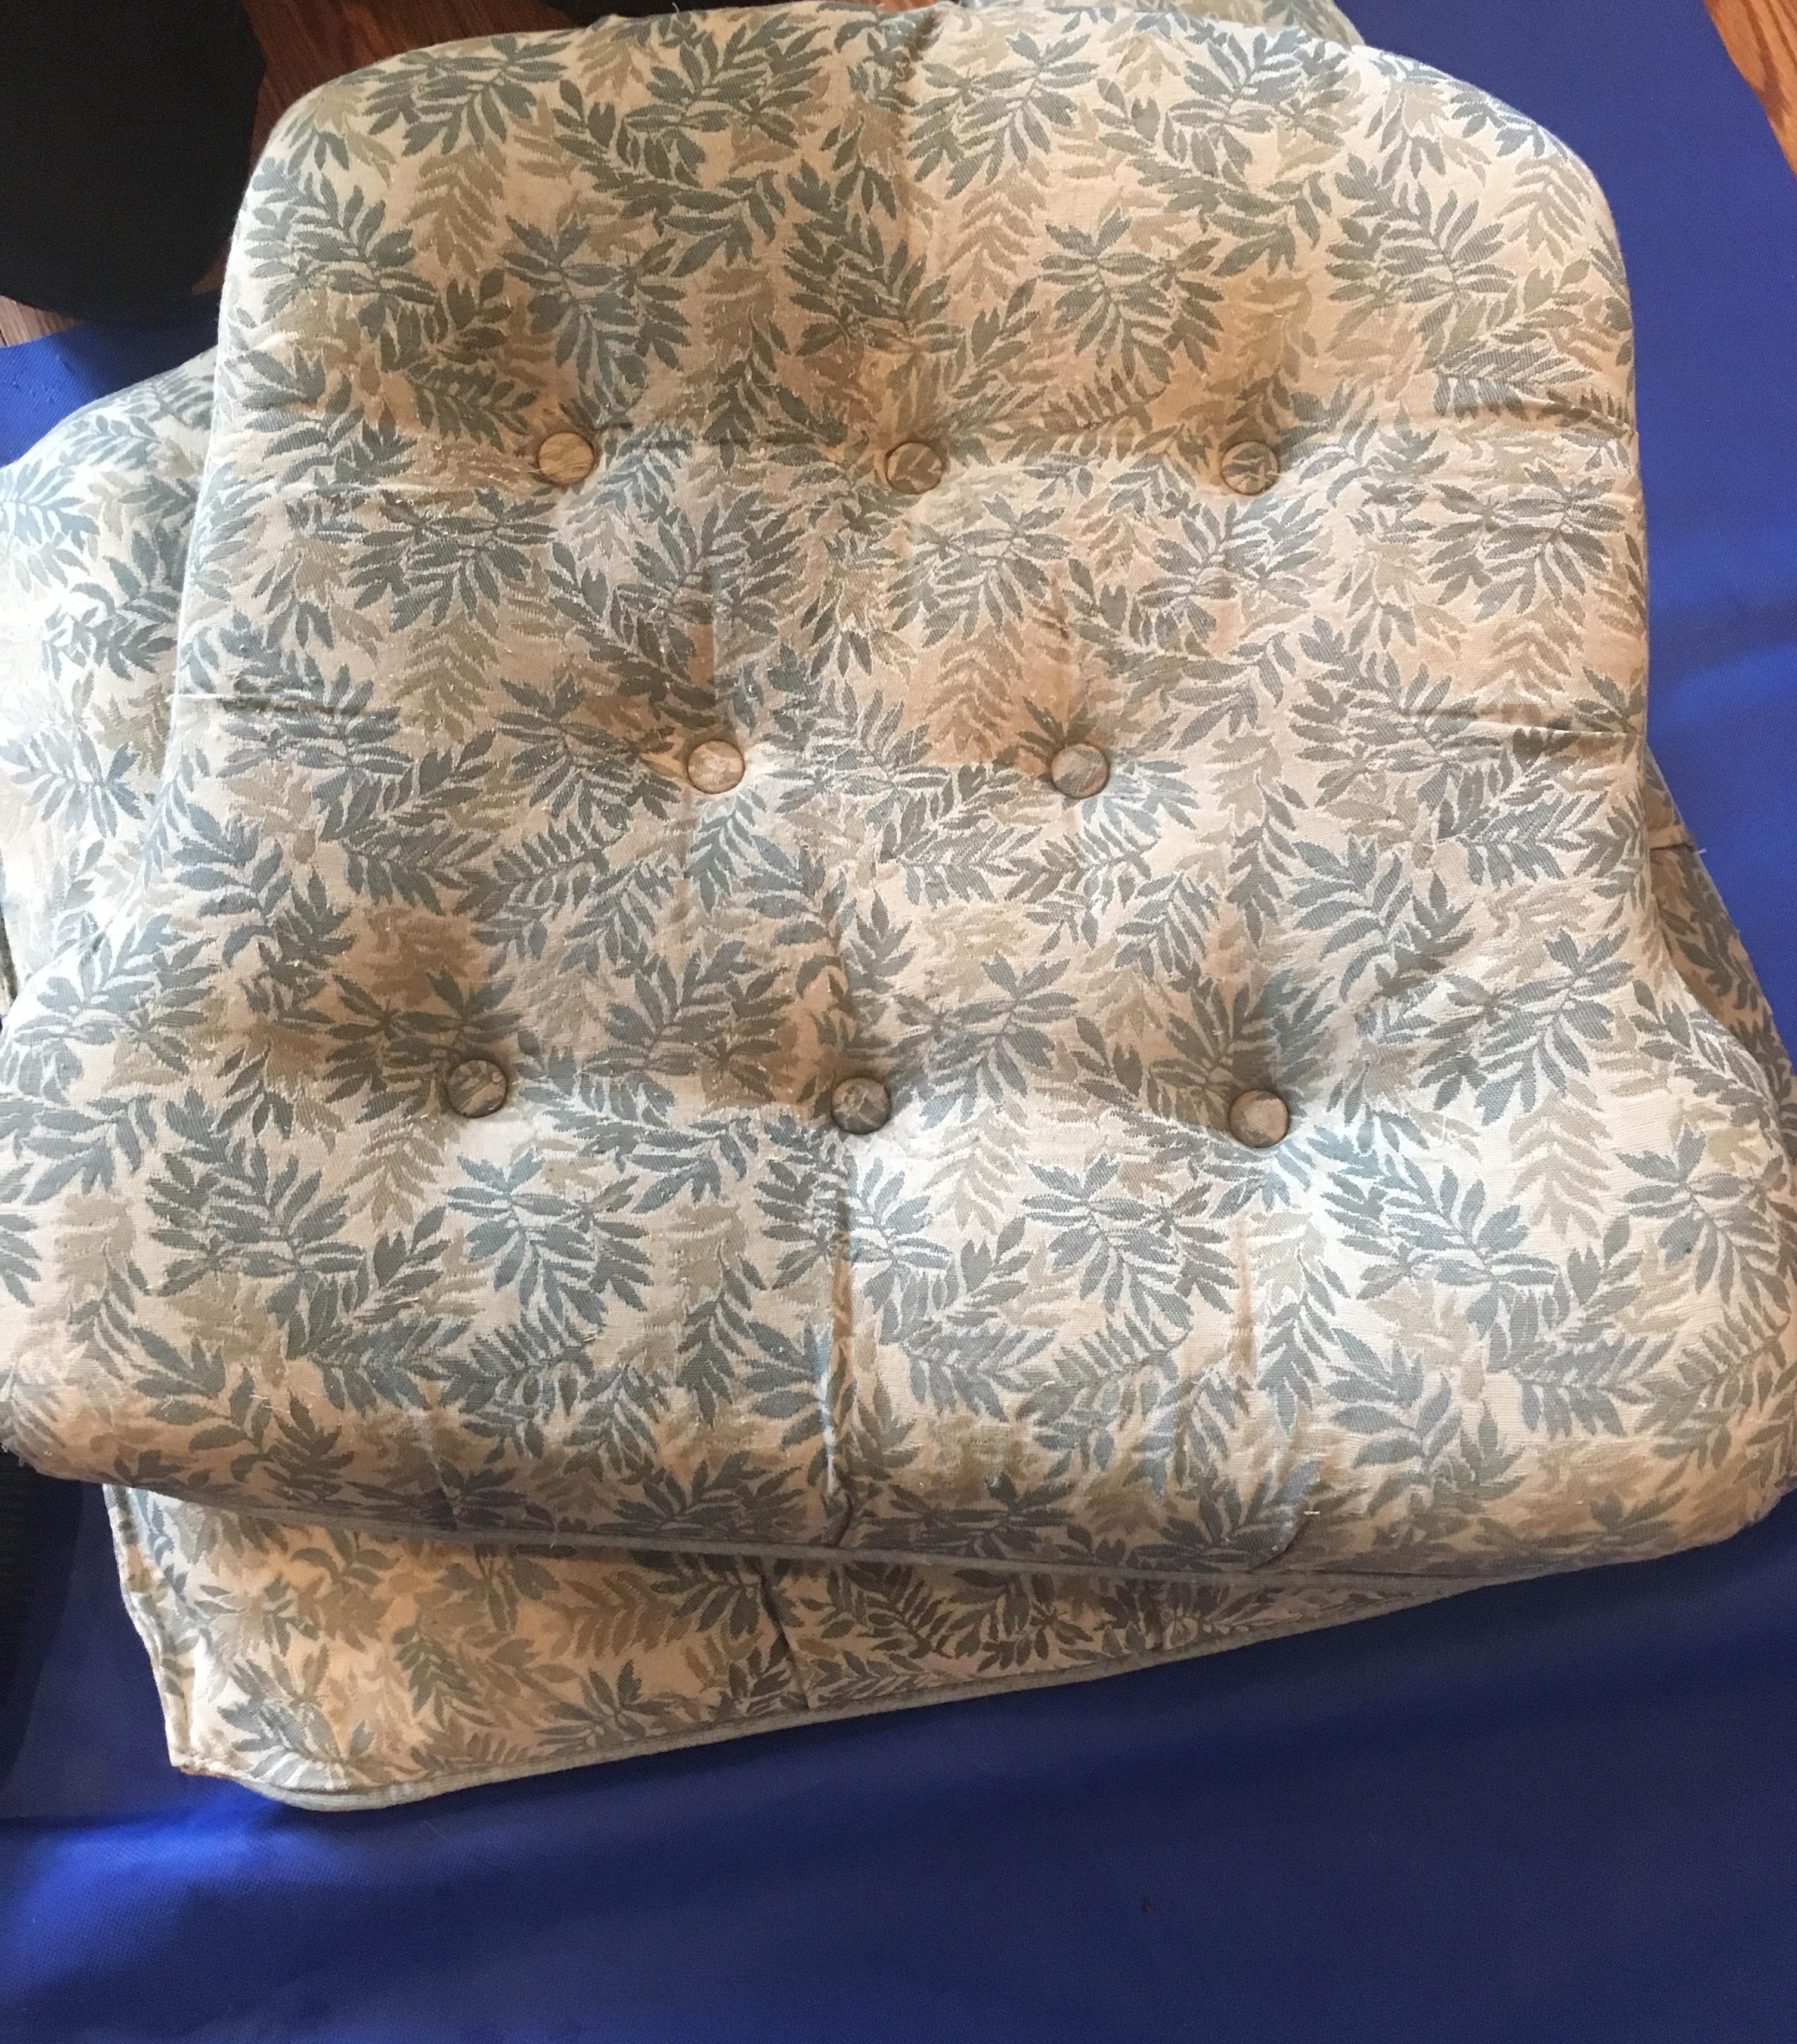 Chair Cushion Cleaning